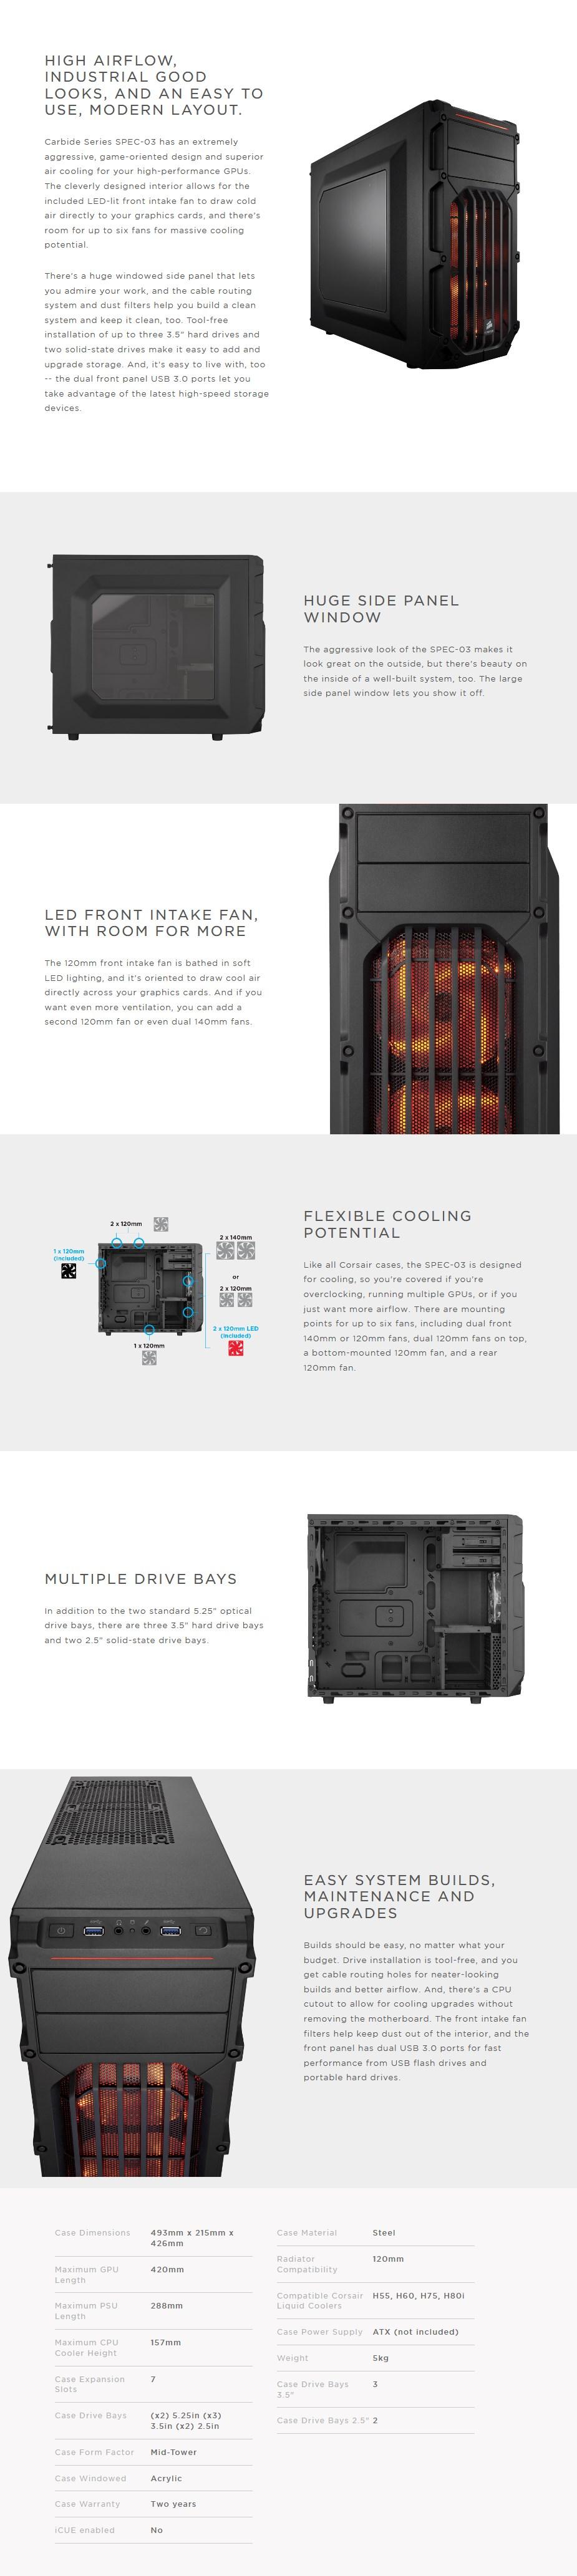 Corsair Carbide SPEC-03 Mid-Tower Case - Orange LED - Overview 1